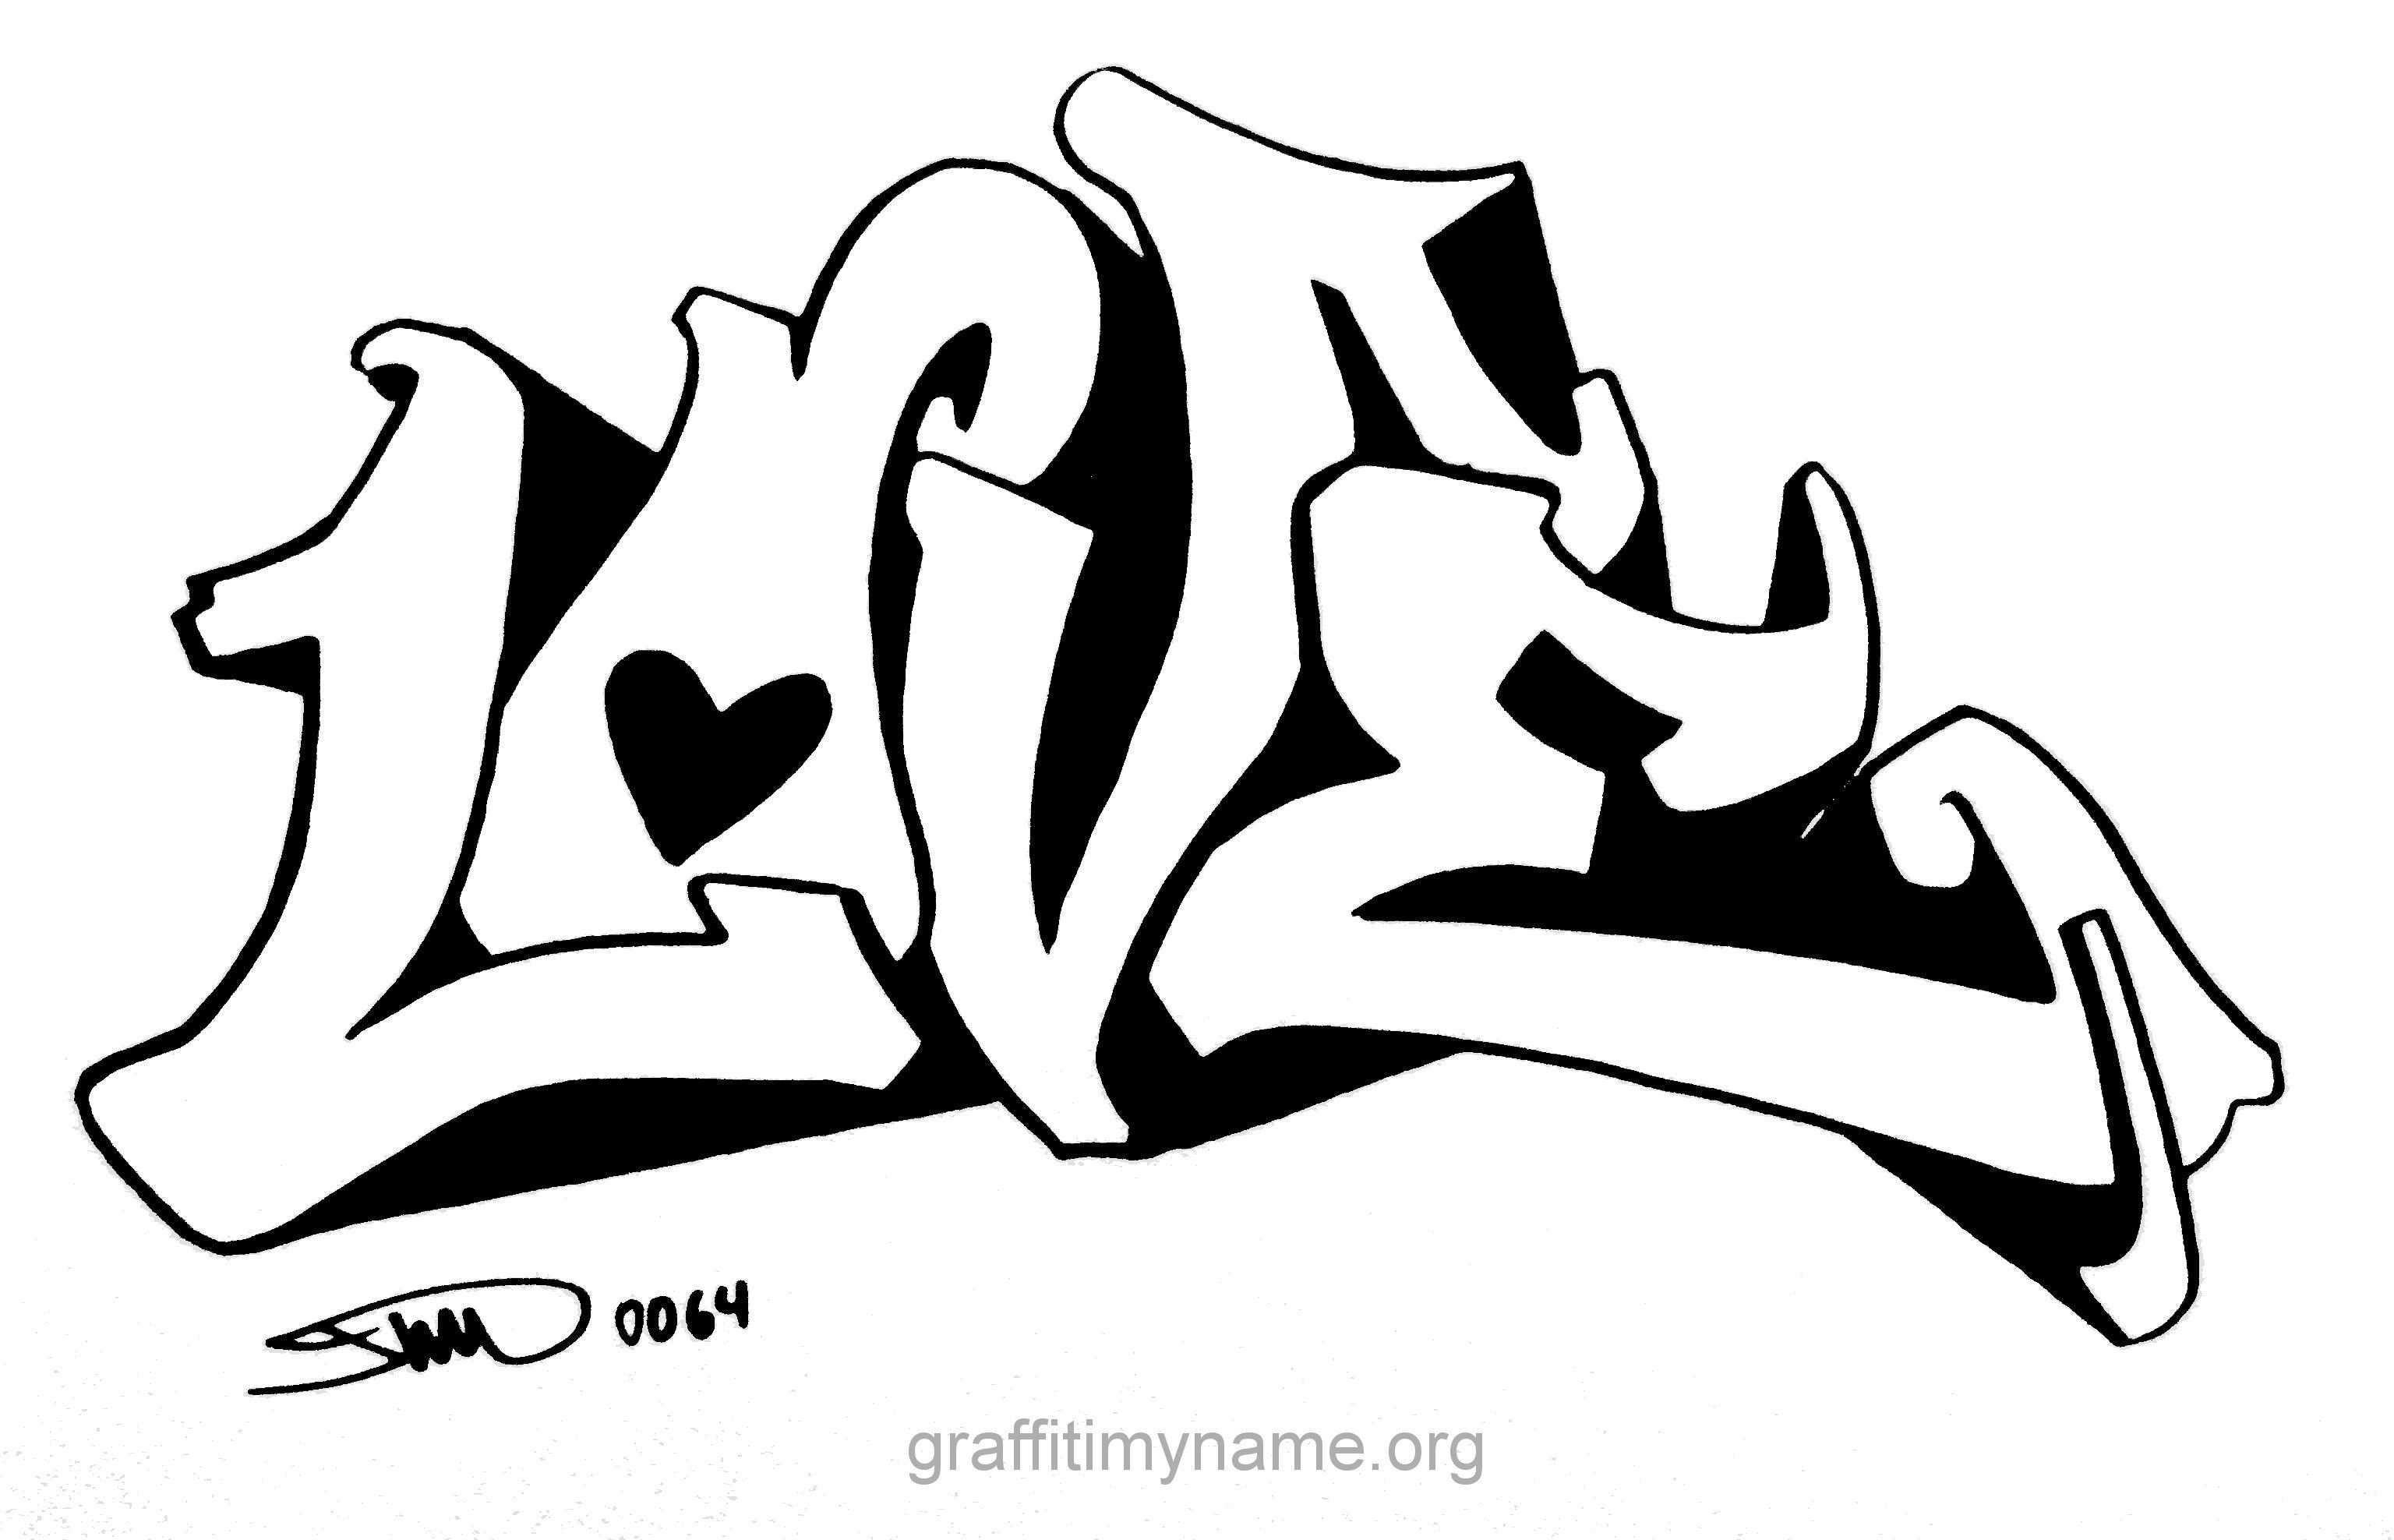 Frisch Malvorlagen I Love You Graffiti Graffiti Schriftart Malvorlagen